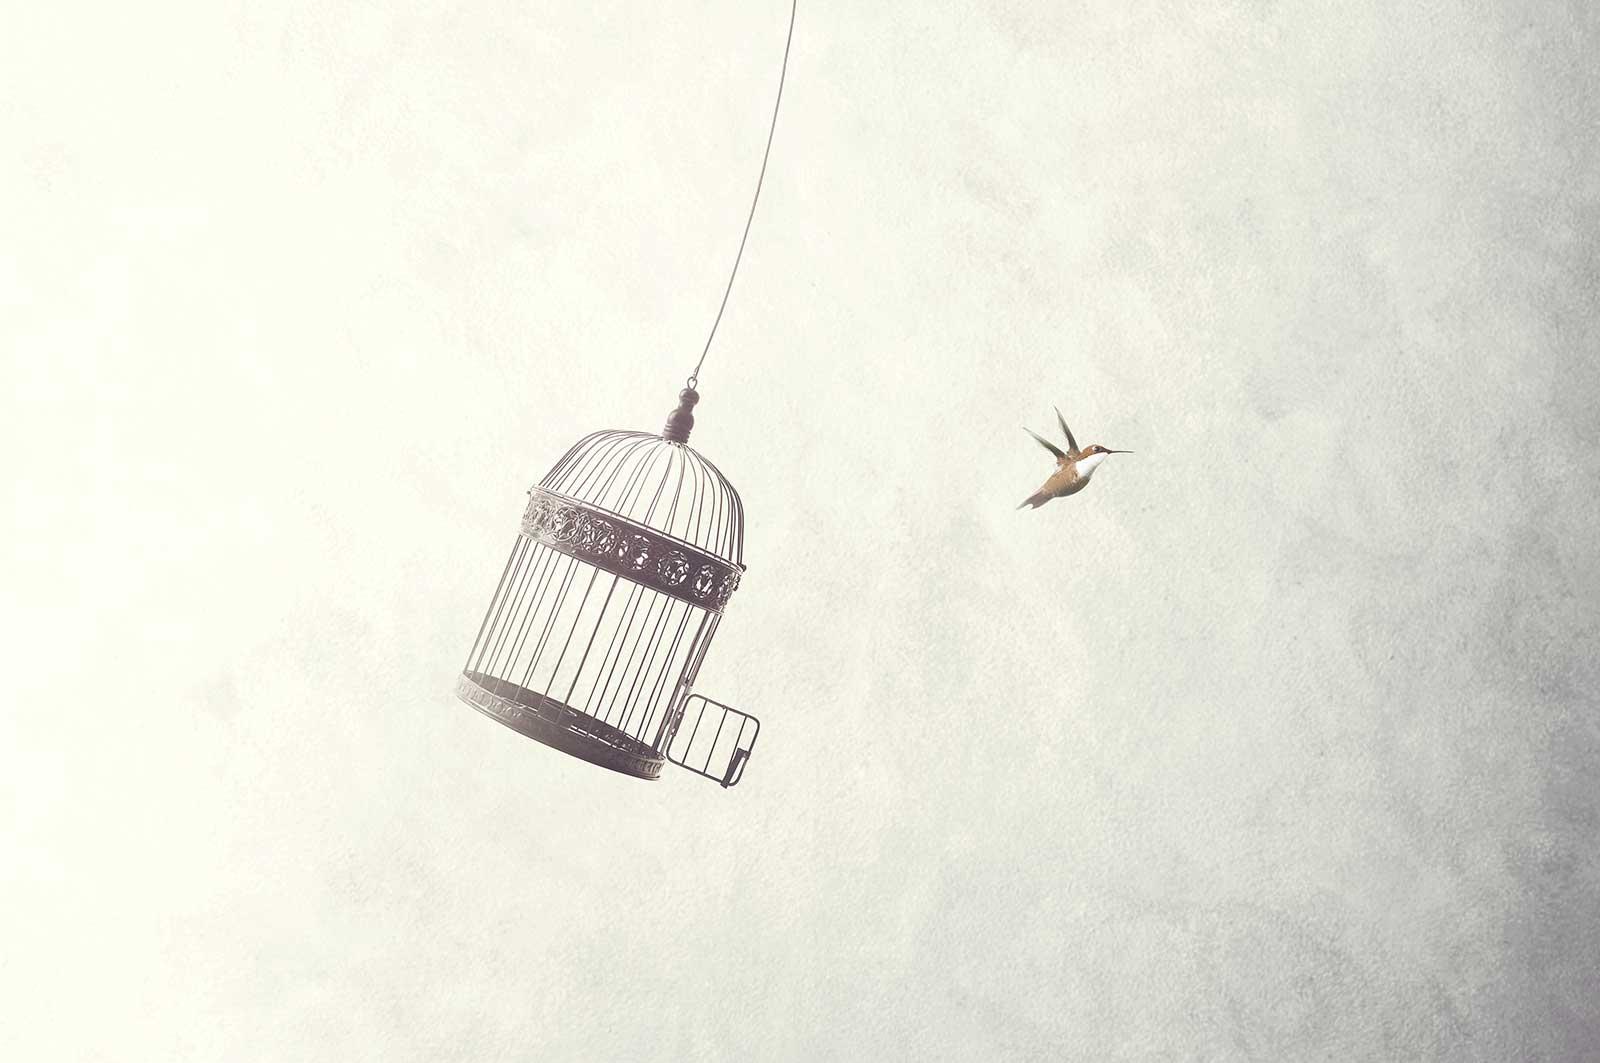 Vogel bevrijd uit kooi, Mentaal vrij met interventie psychosociale begeleiding